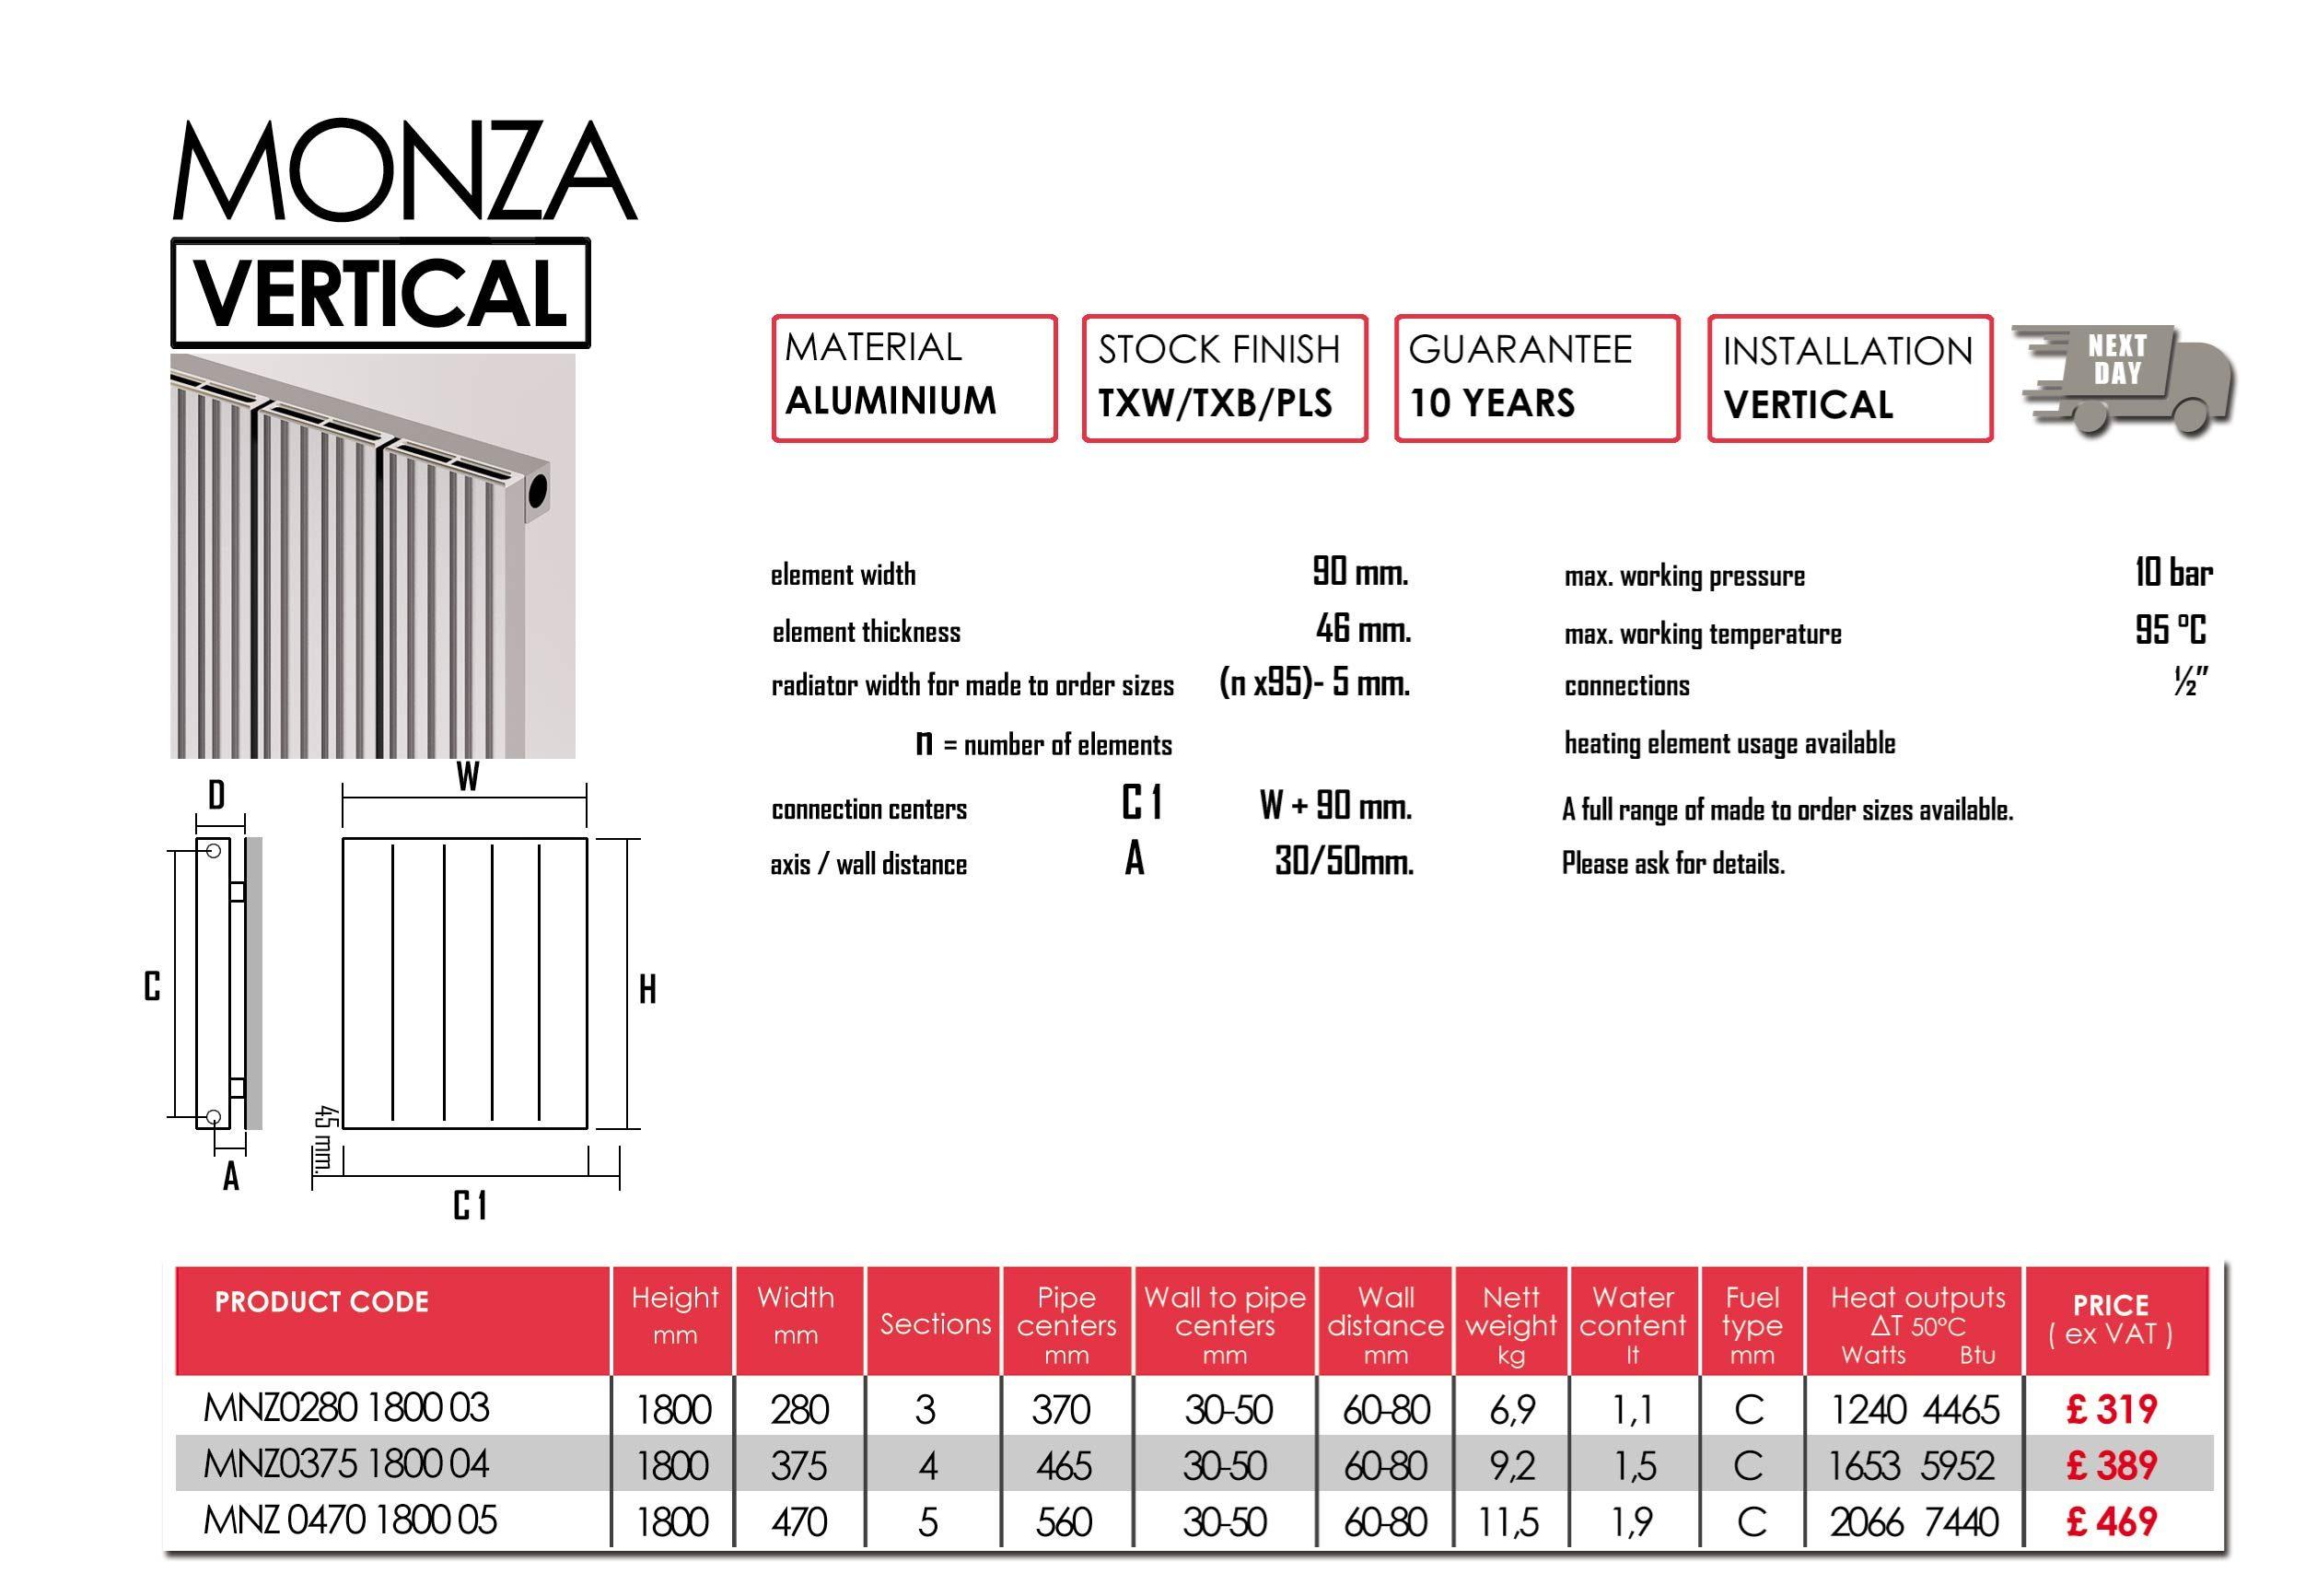 MONZA vertical | Carisa | Aluminium Designer Radiators